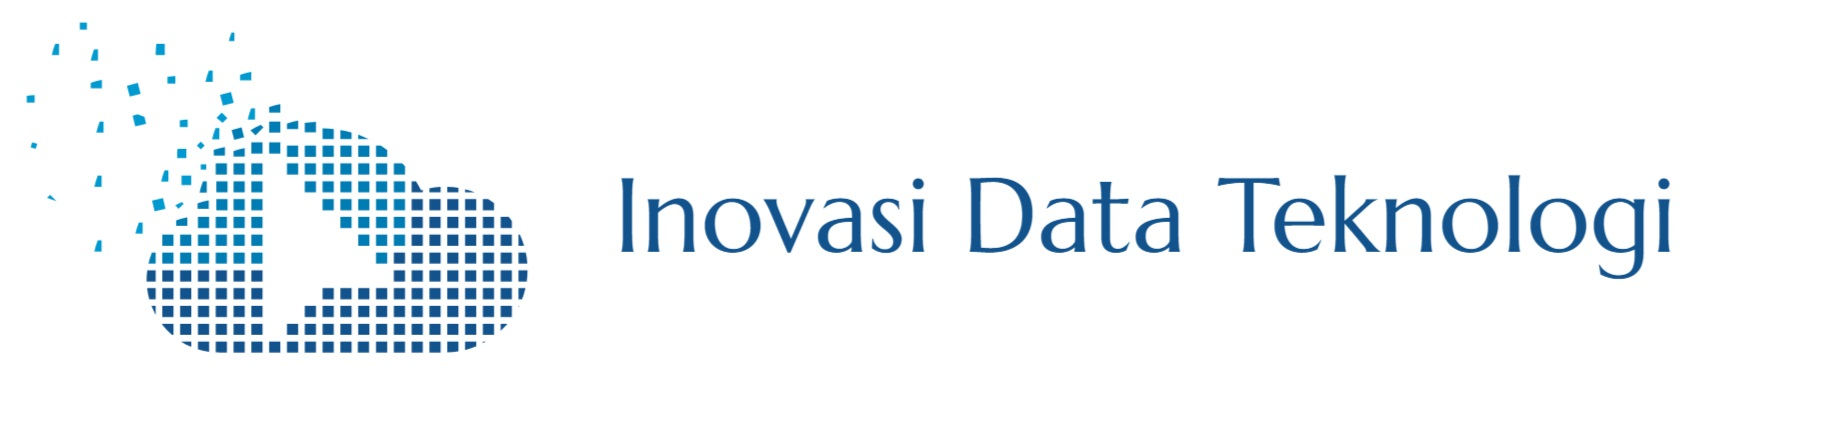 Inovasi Data Teknologi